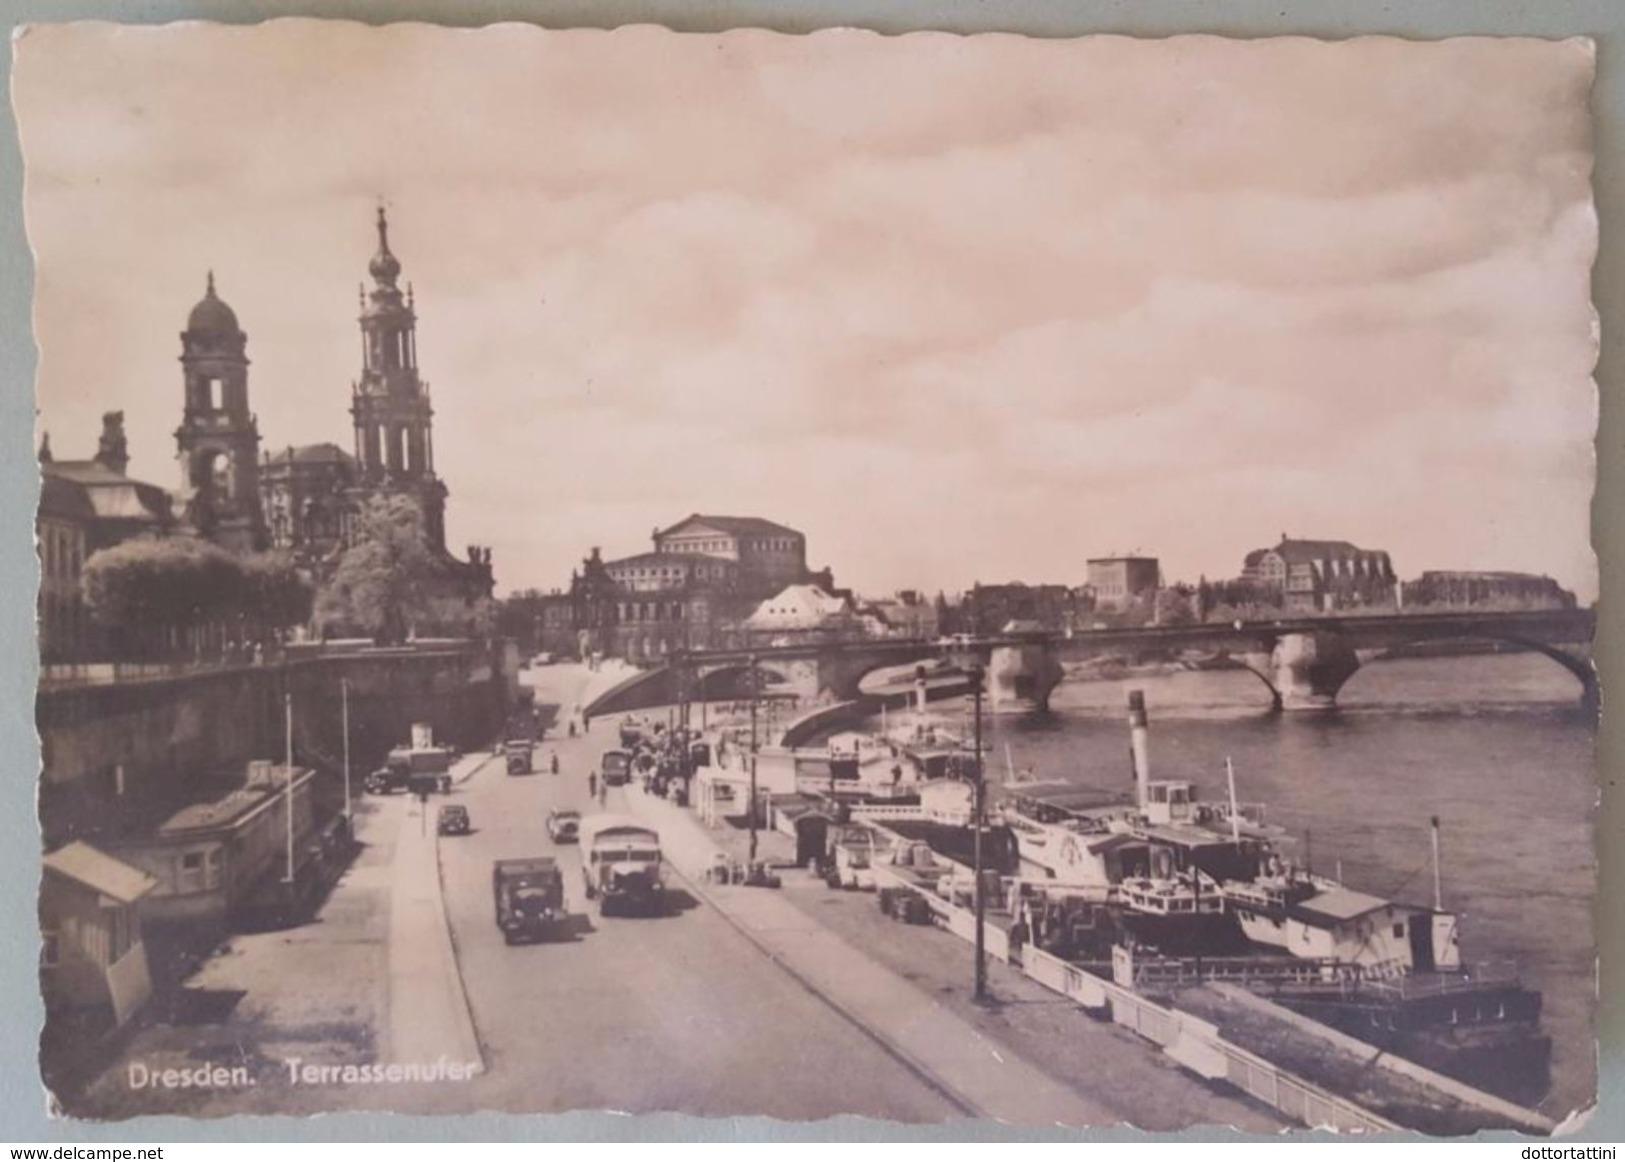 DRESDEN - Terrassenufer - Nv - Dresden